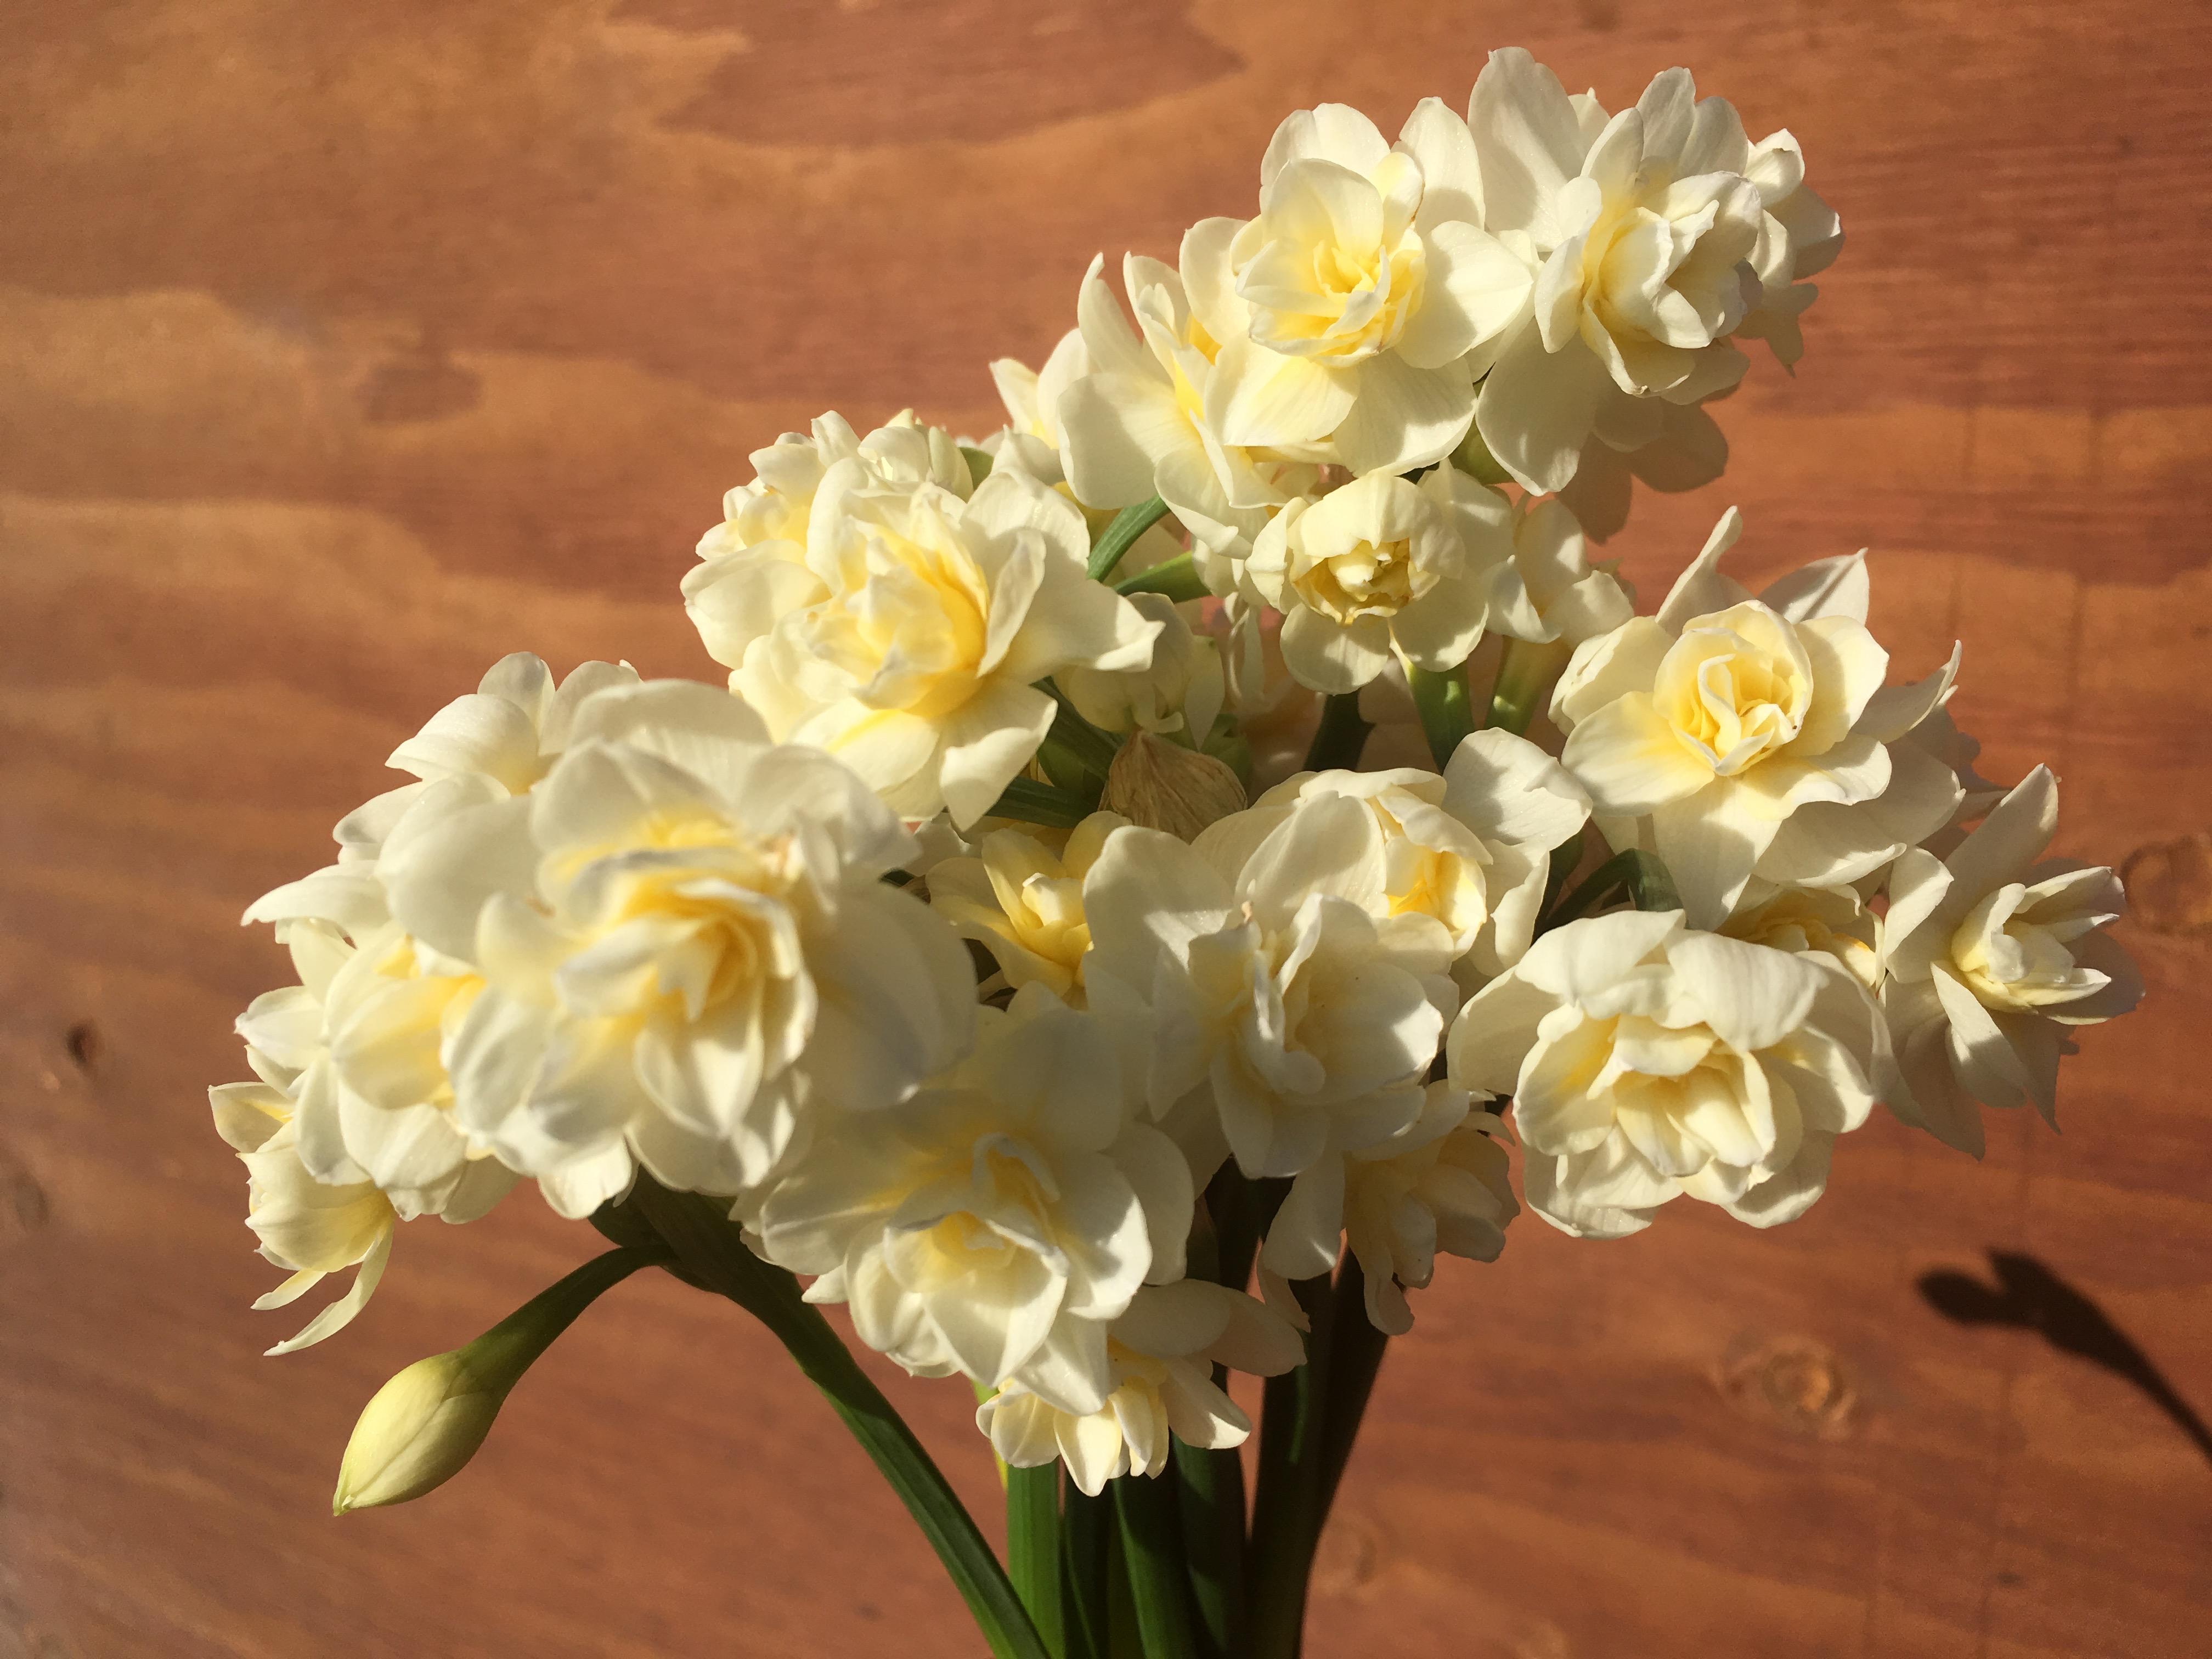 Kokoro daffodils